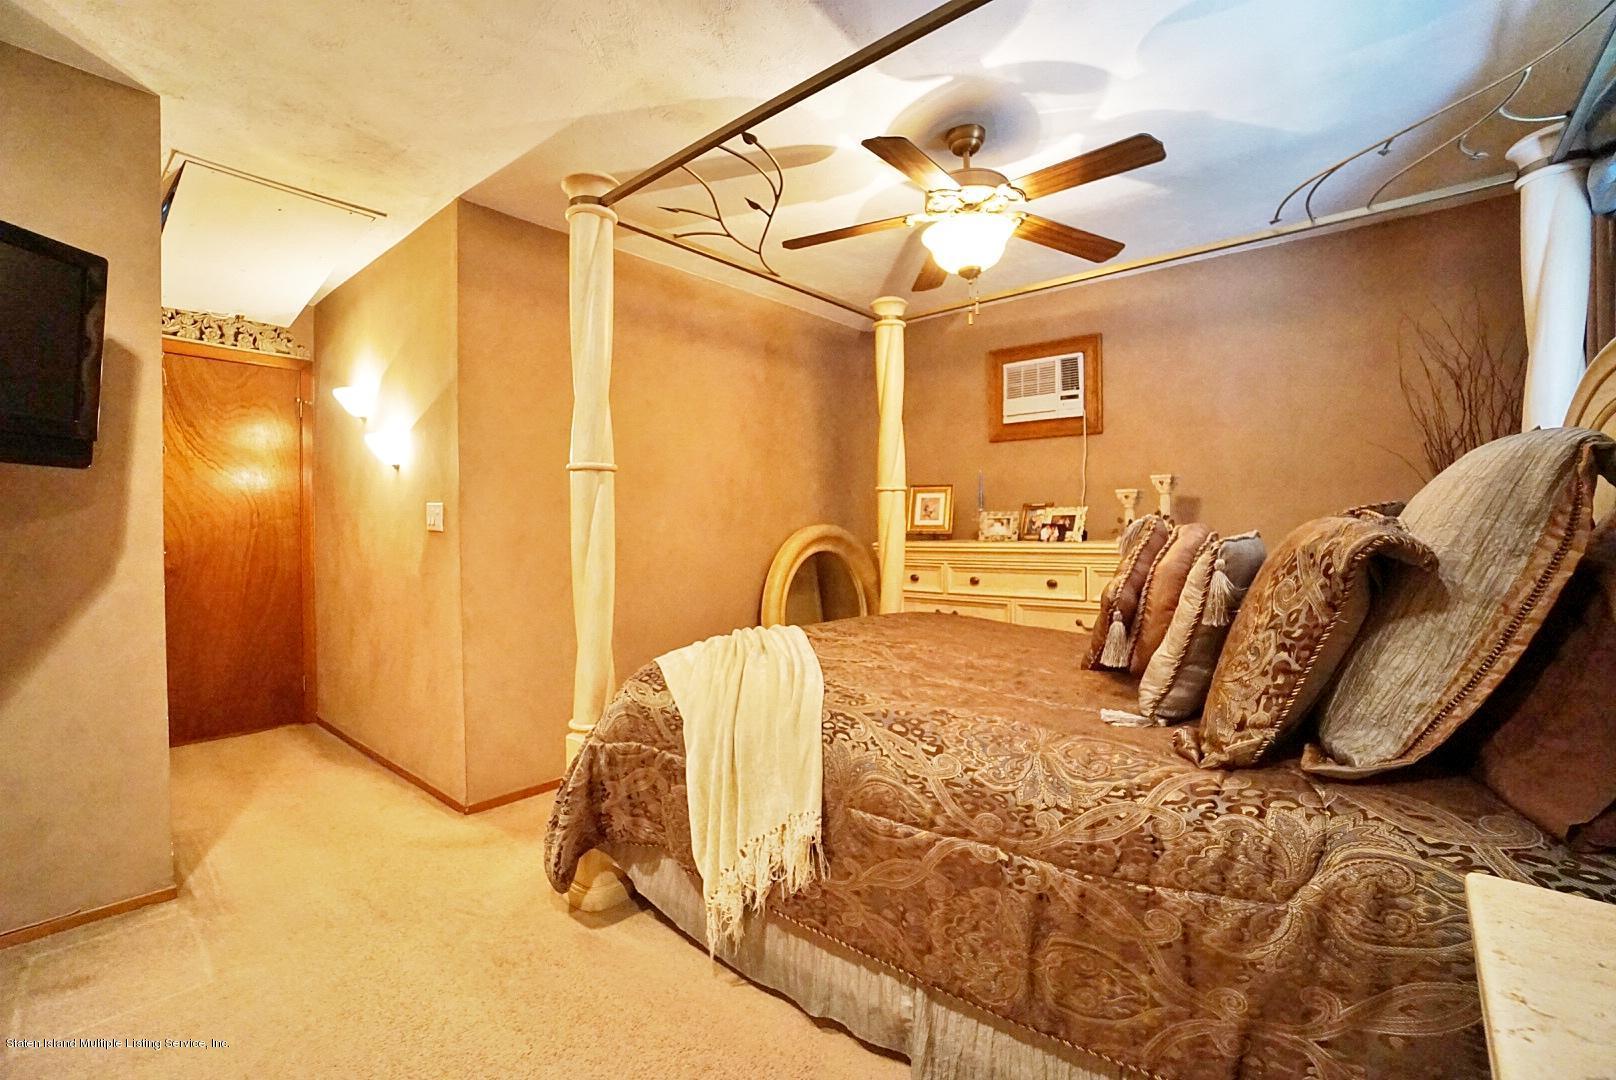 Single Family - Semi-Attached 366 Fairbanks Avenue  Staten Island, NY 10306, MLS-1127458-28